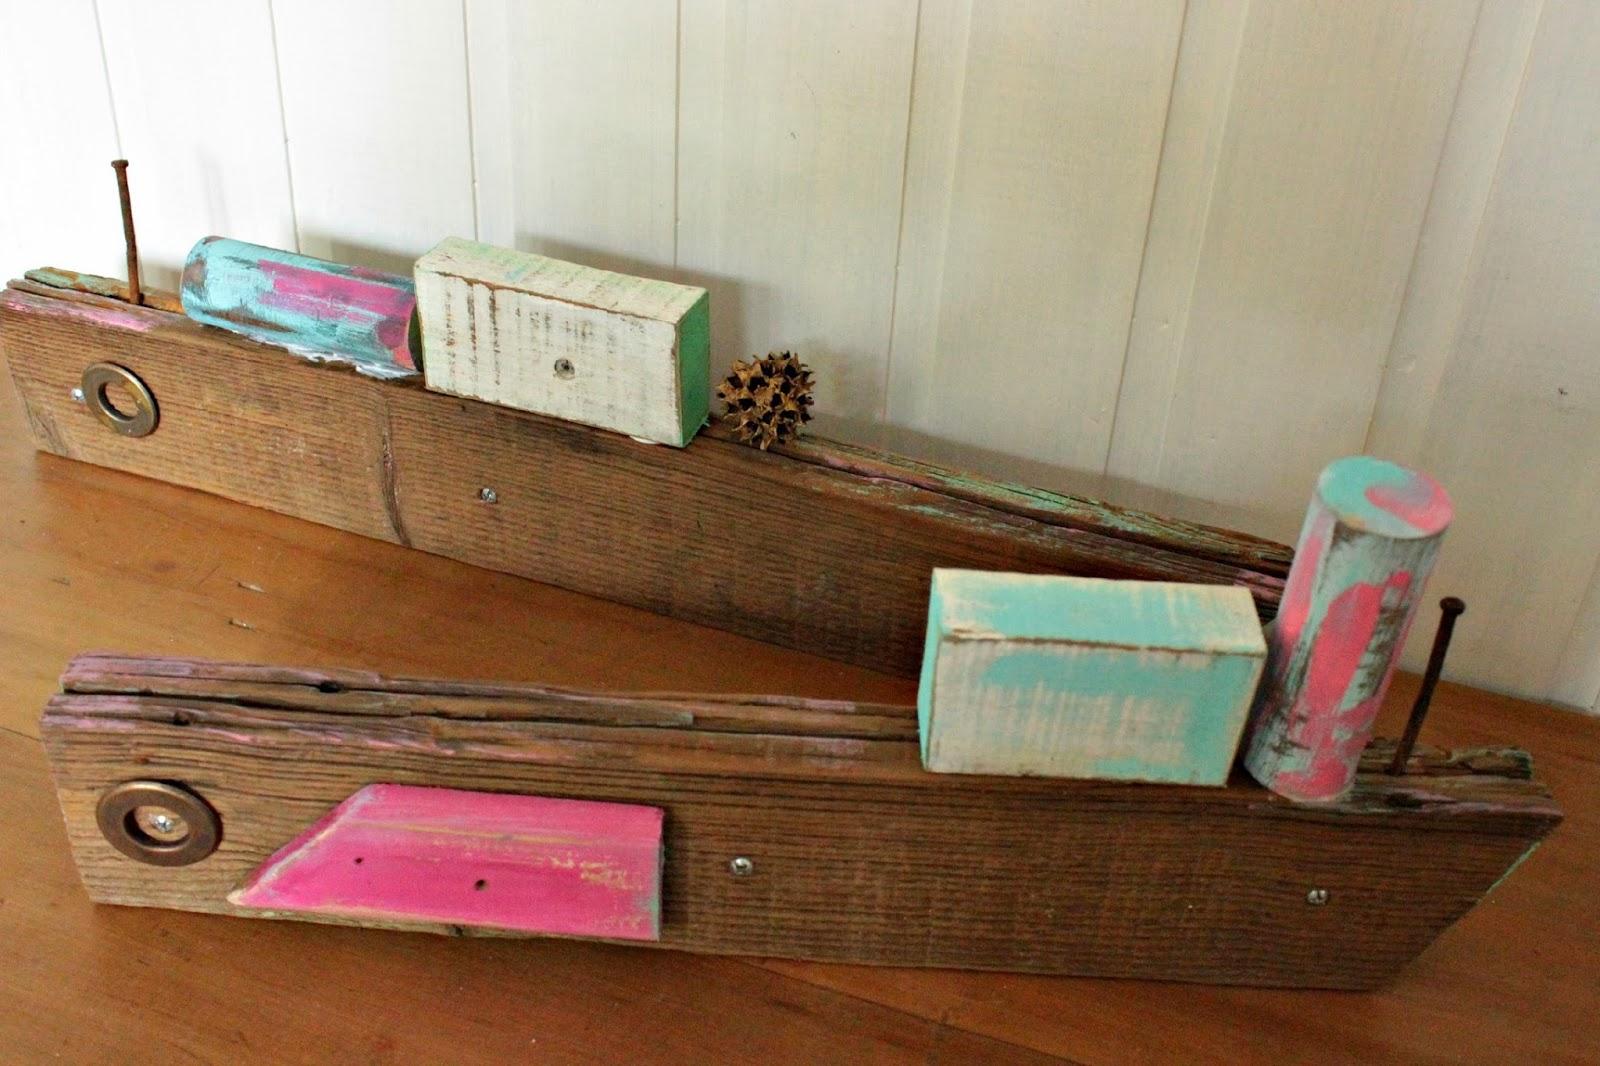 Tienda la florinda barcos de madera reciclada for Bar con madera reciclada